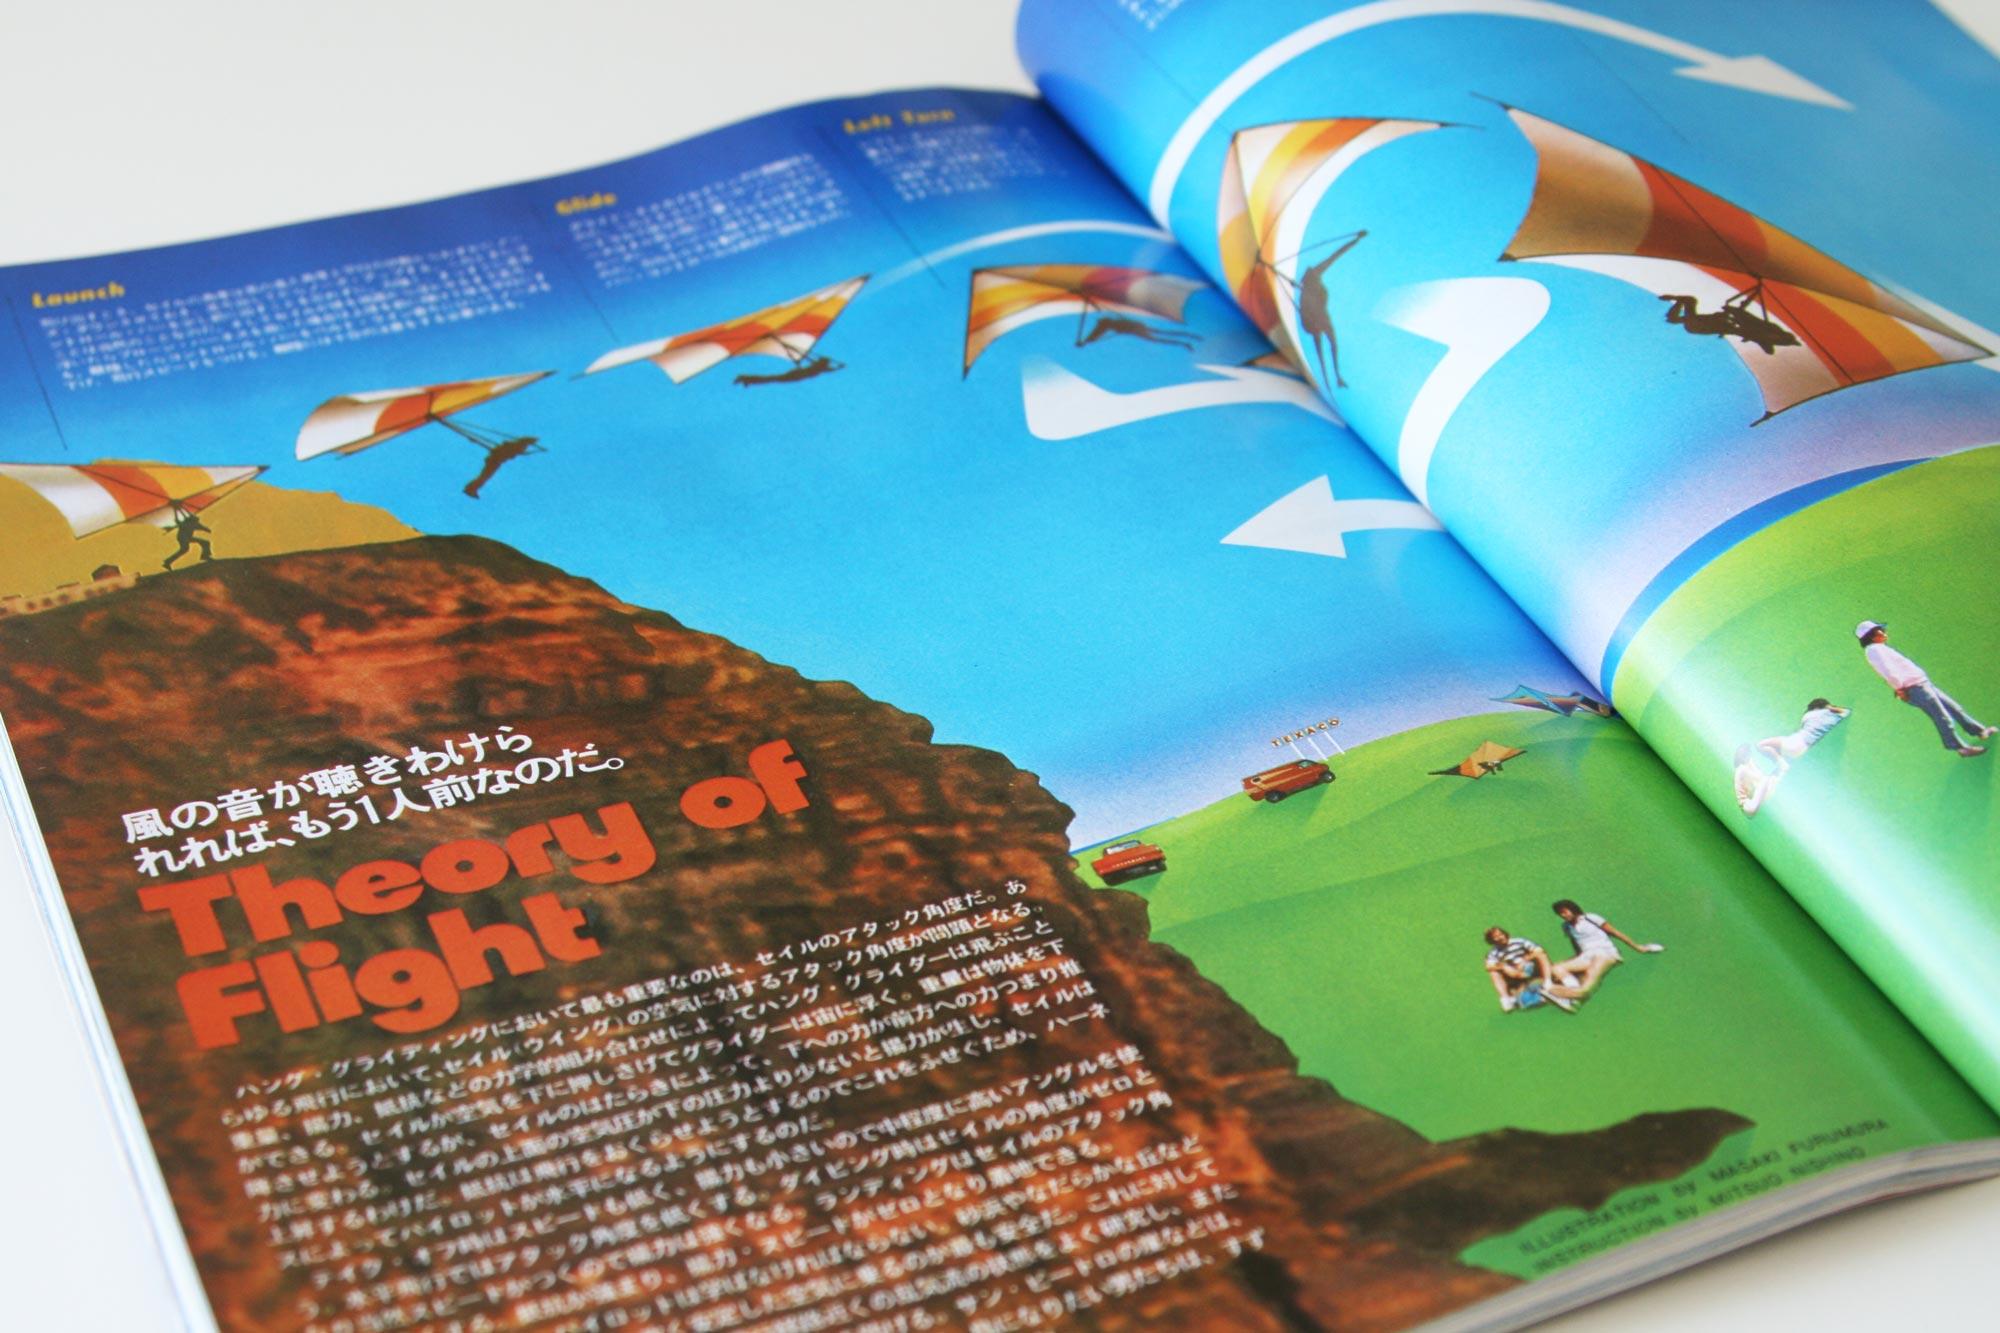 popeye-magazine-1976_4556